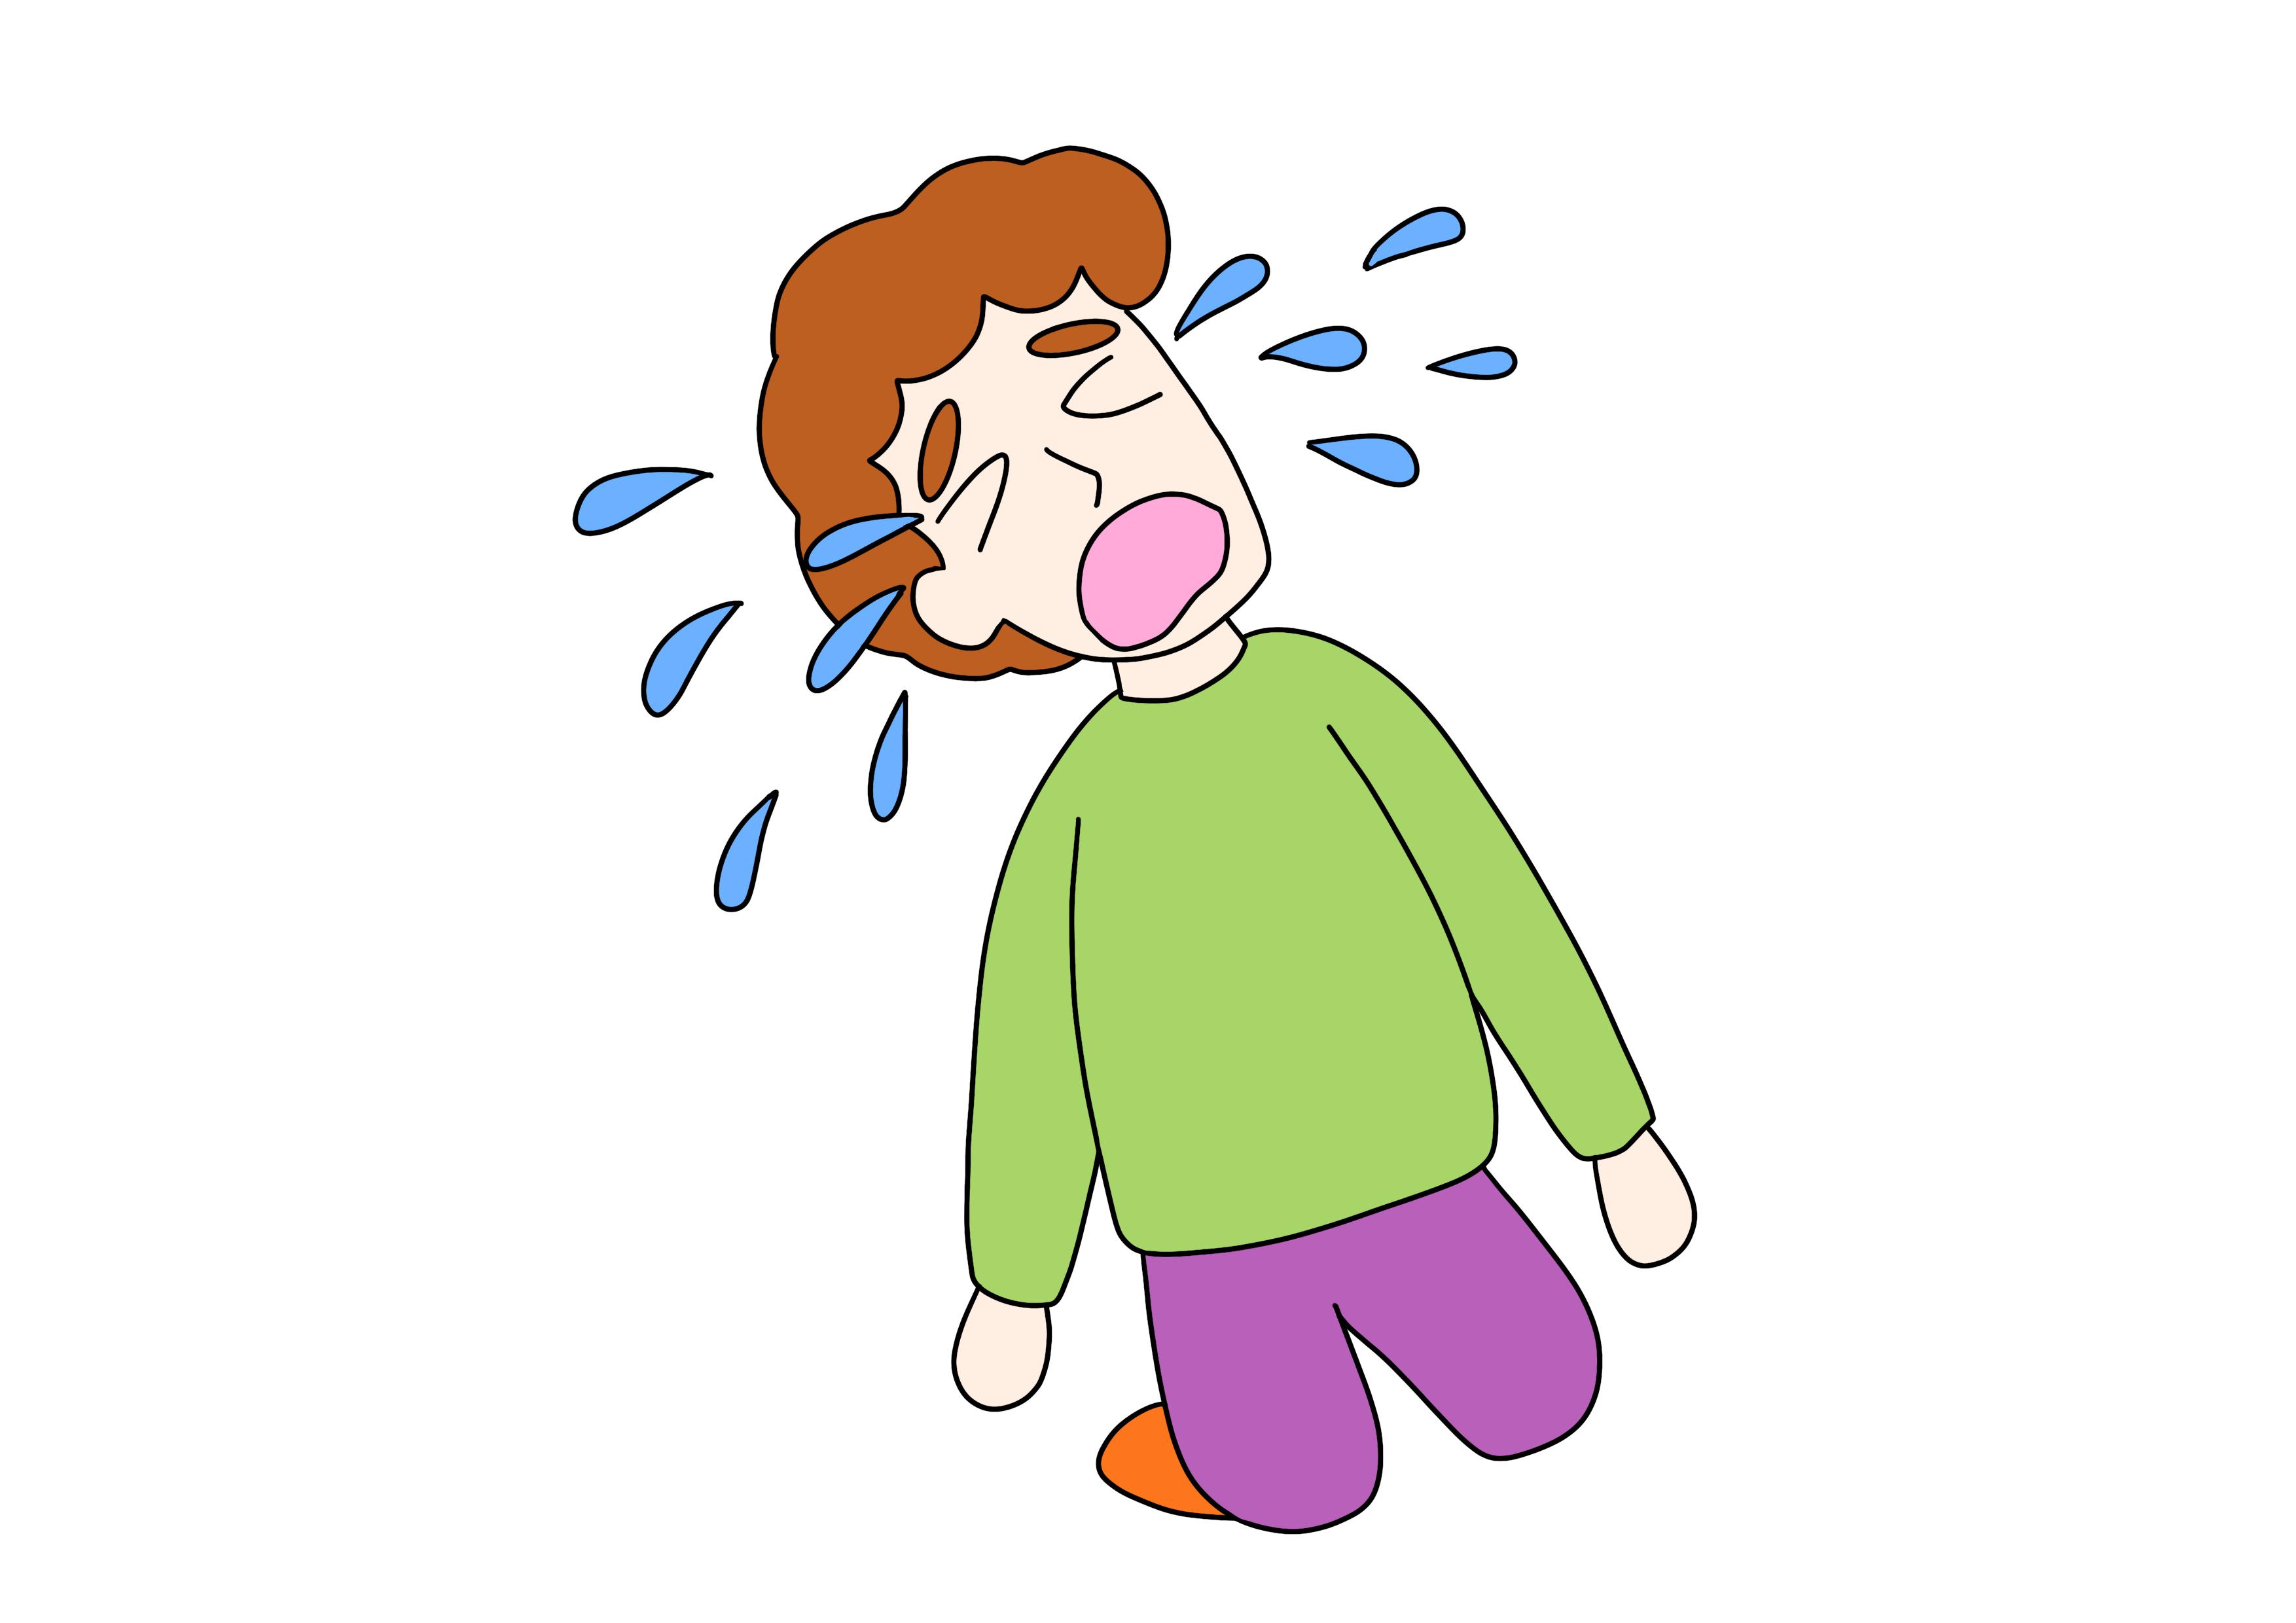 44課イラスト【泣く/号泣】